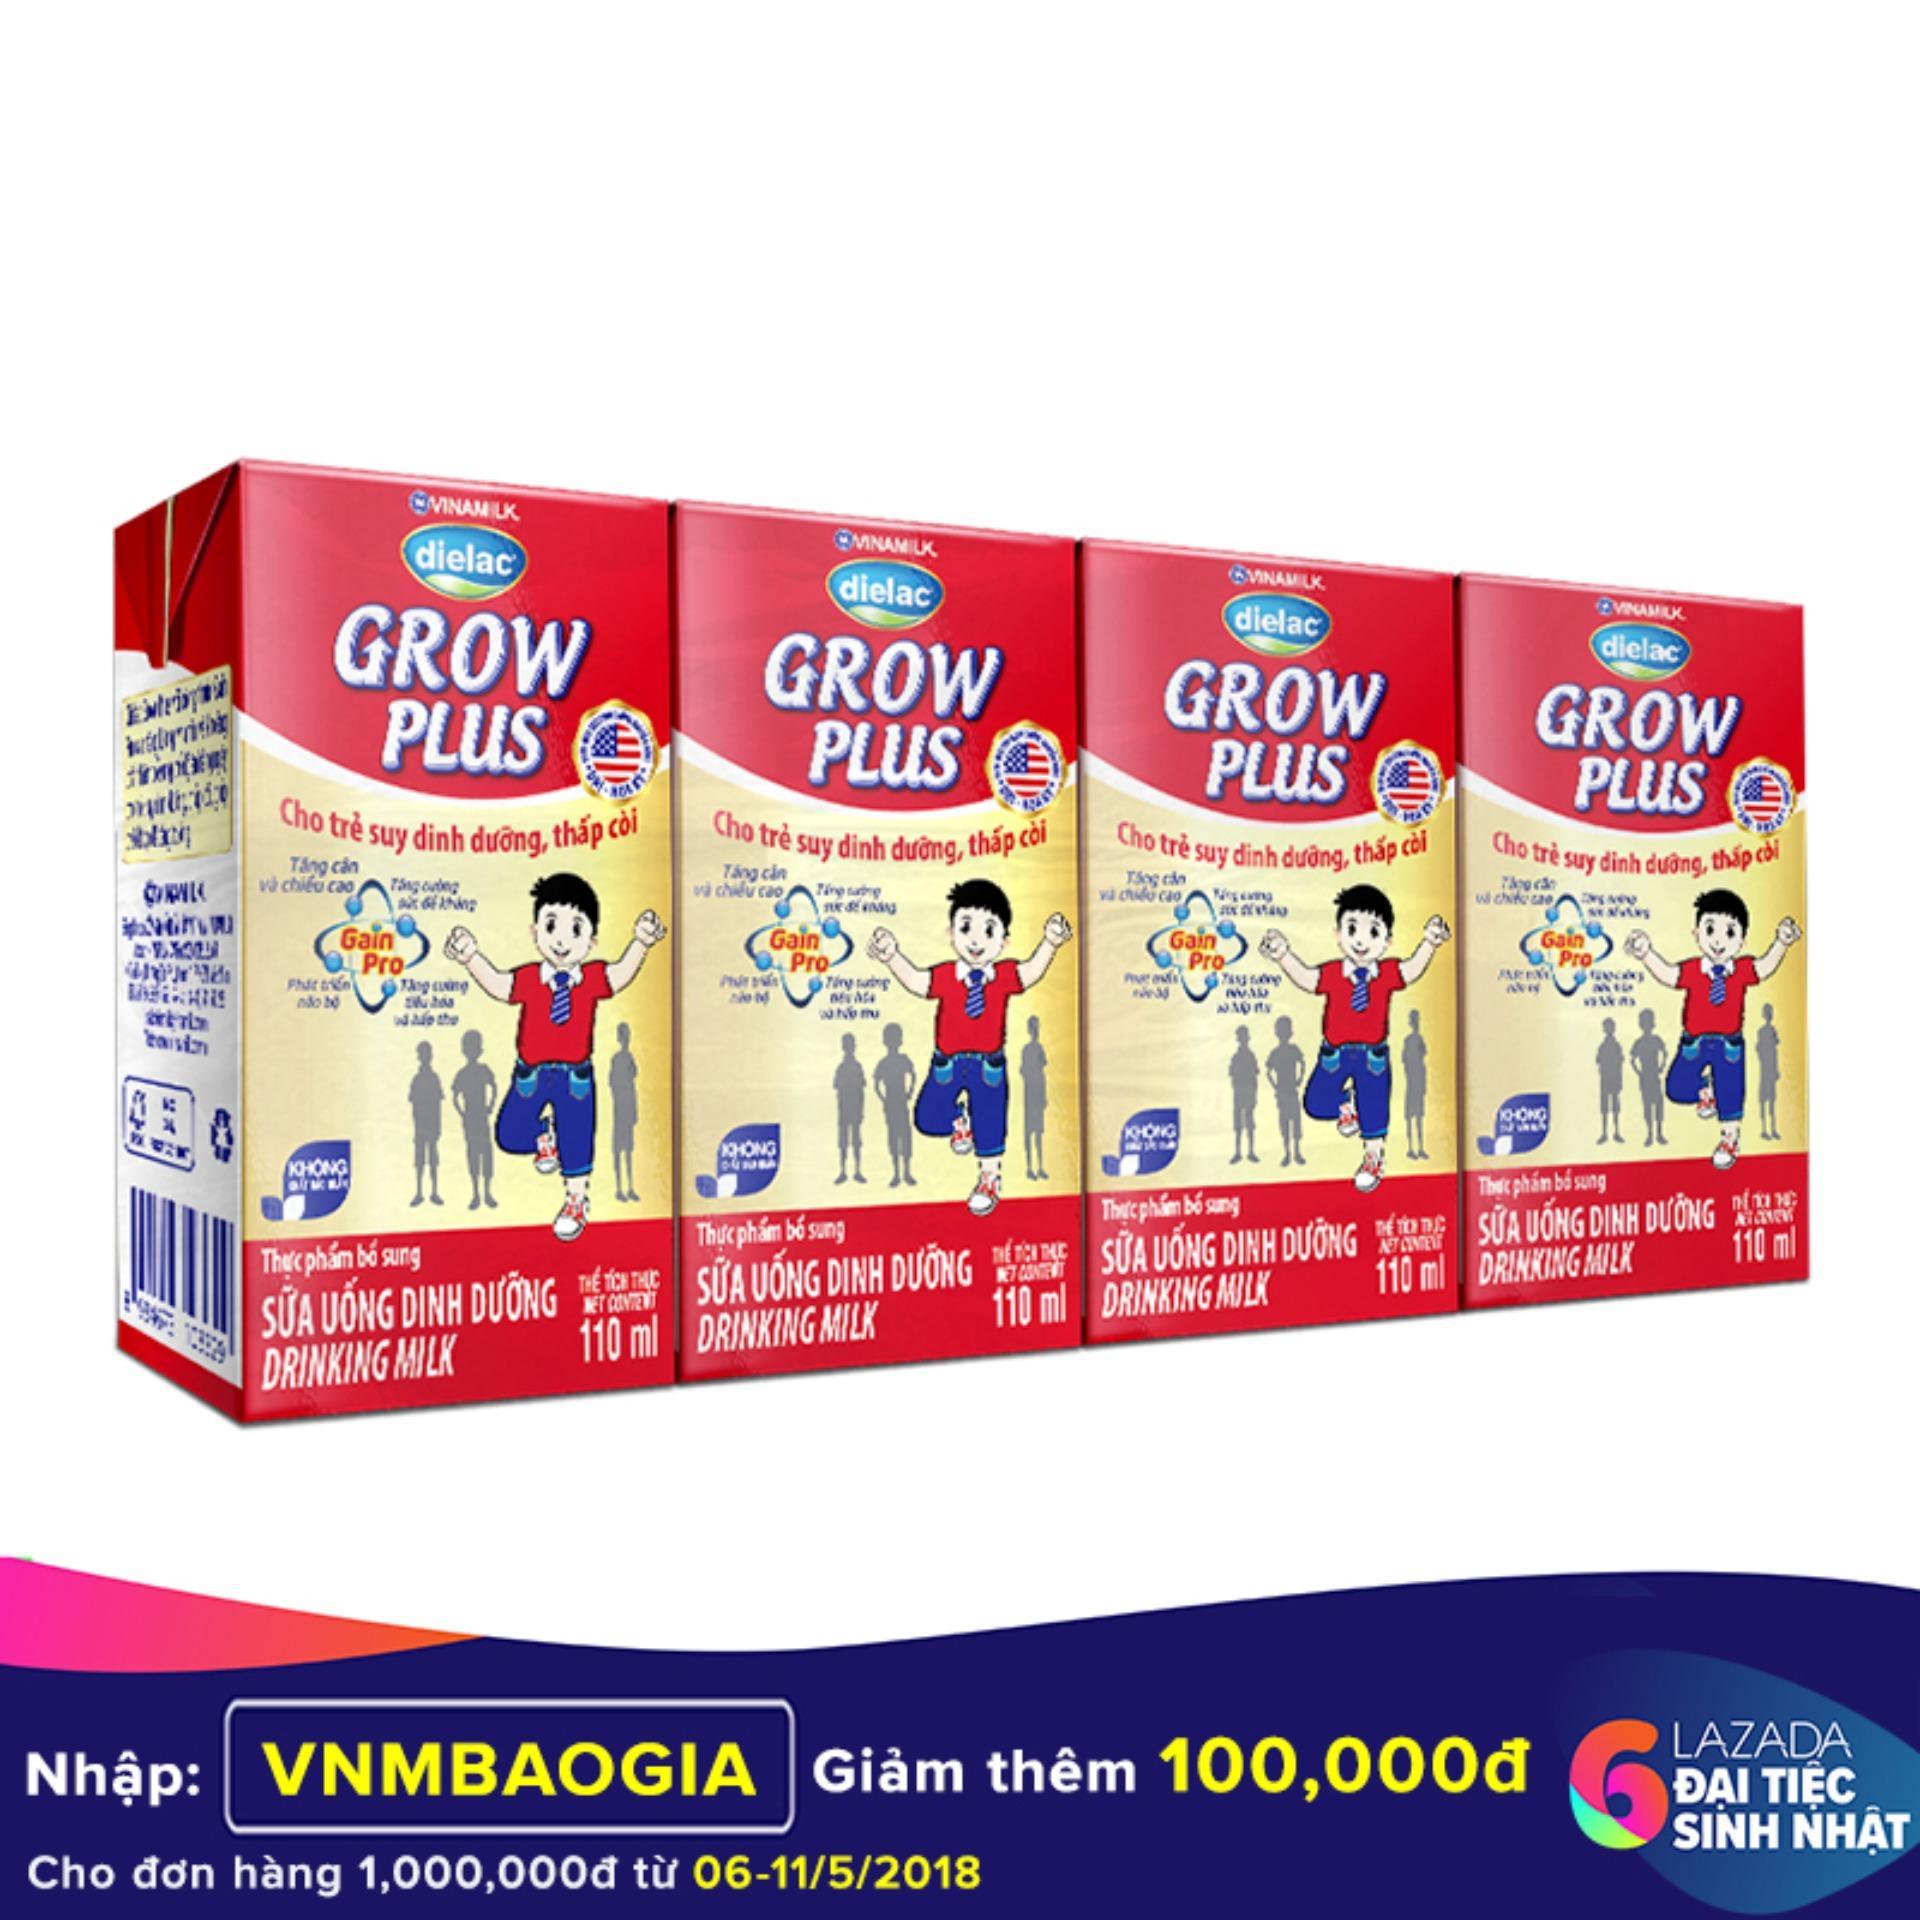 Giá Bán Thung 48 Hộp Sữa Bột Pha Sẵn Vinamilk Dielac Grow Plus 110Ml Mới Nhất